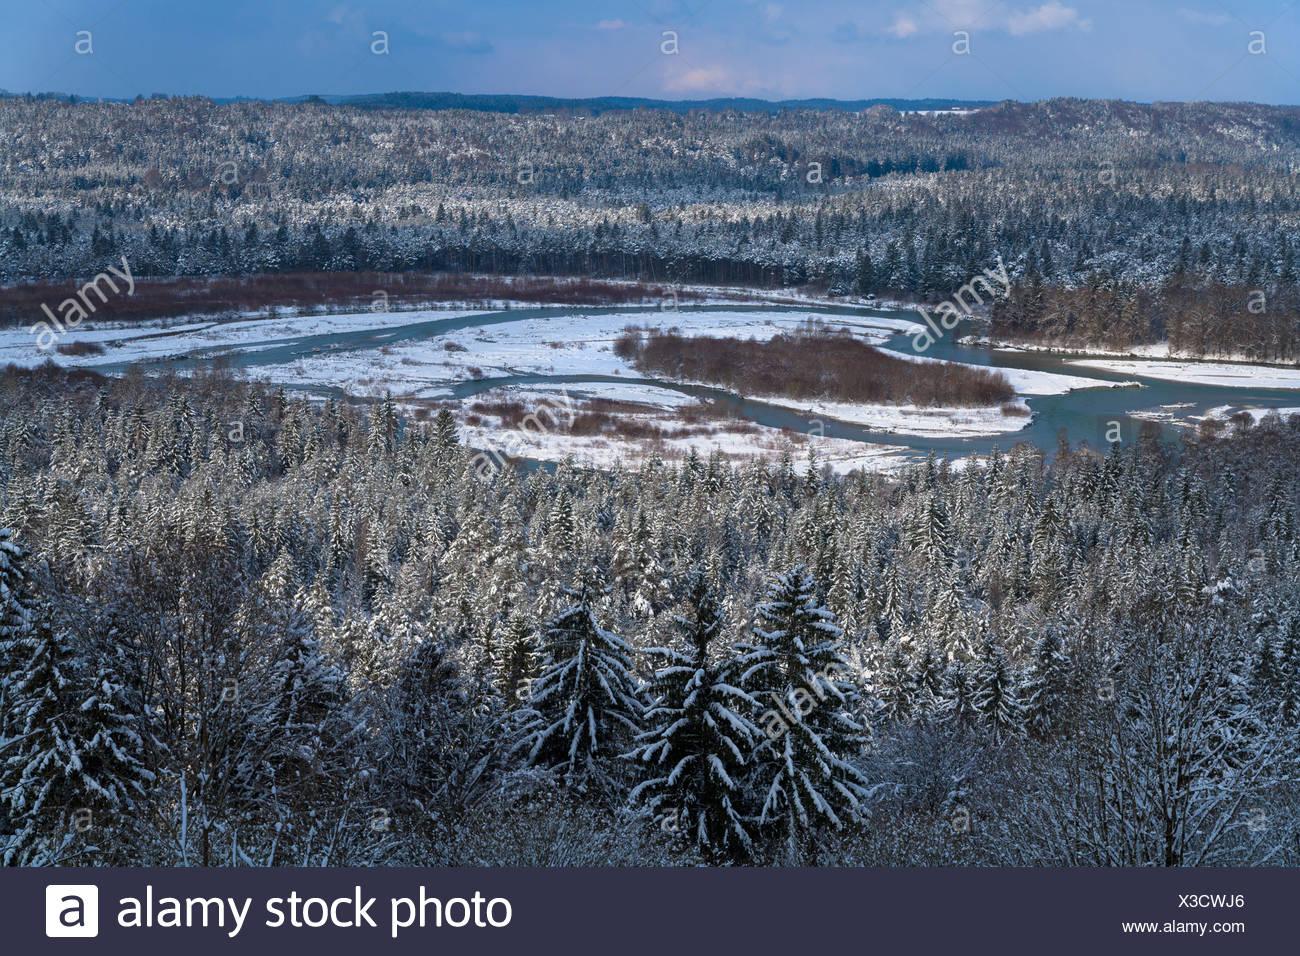 Germany, Upper Bavaria, river Isar at Pupplinger Au, Isartal - Stock Image